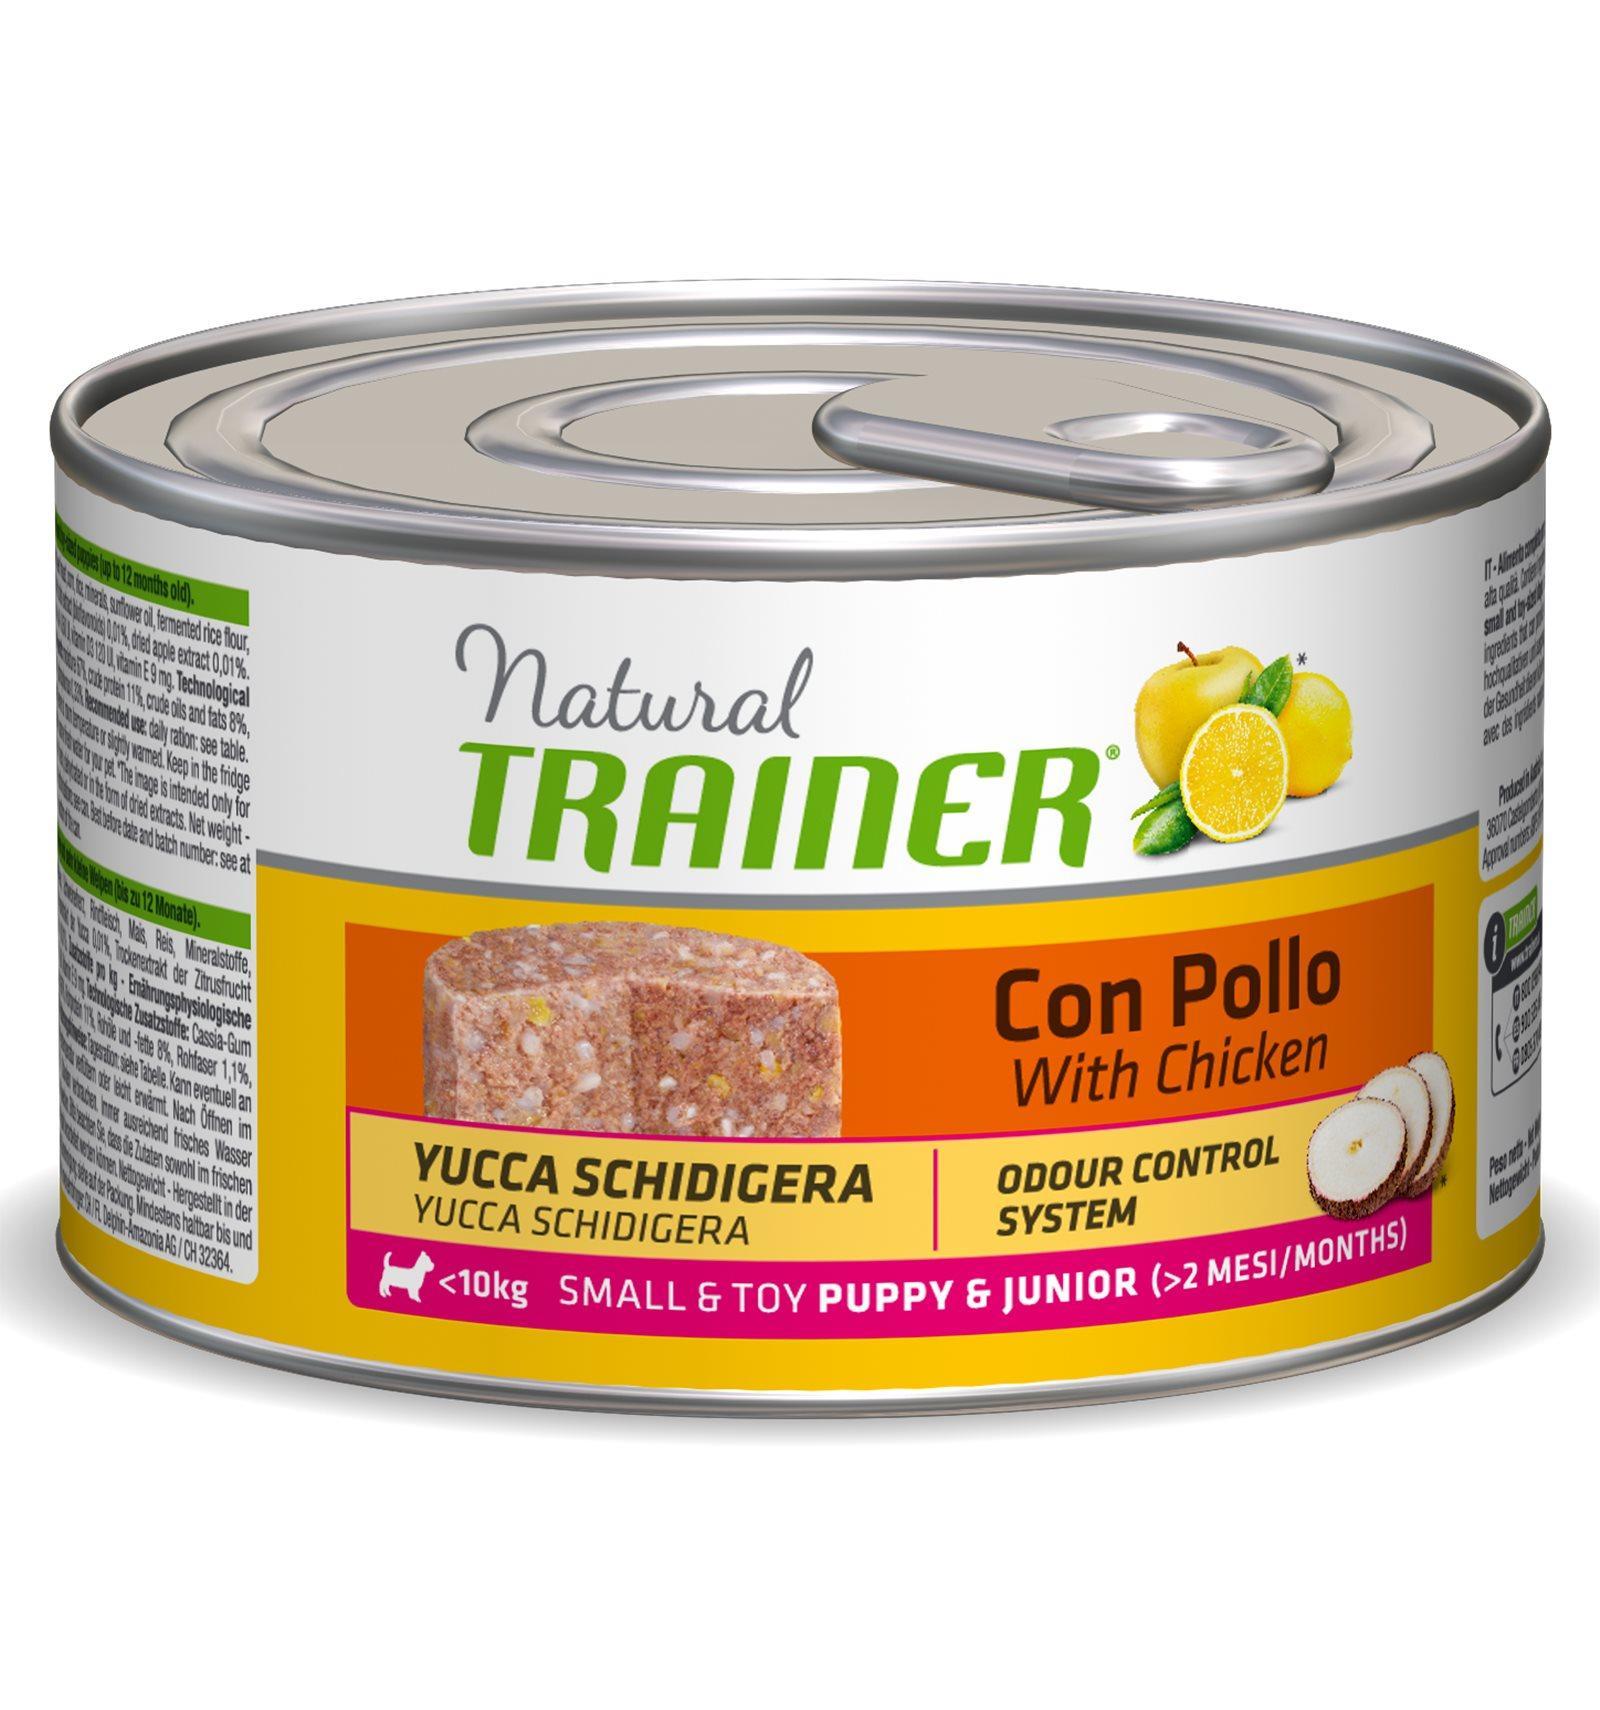 Natural Trainer Puppy Mini Pollo umido 150 g